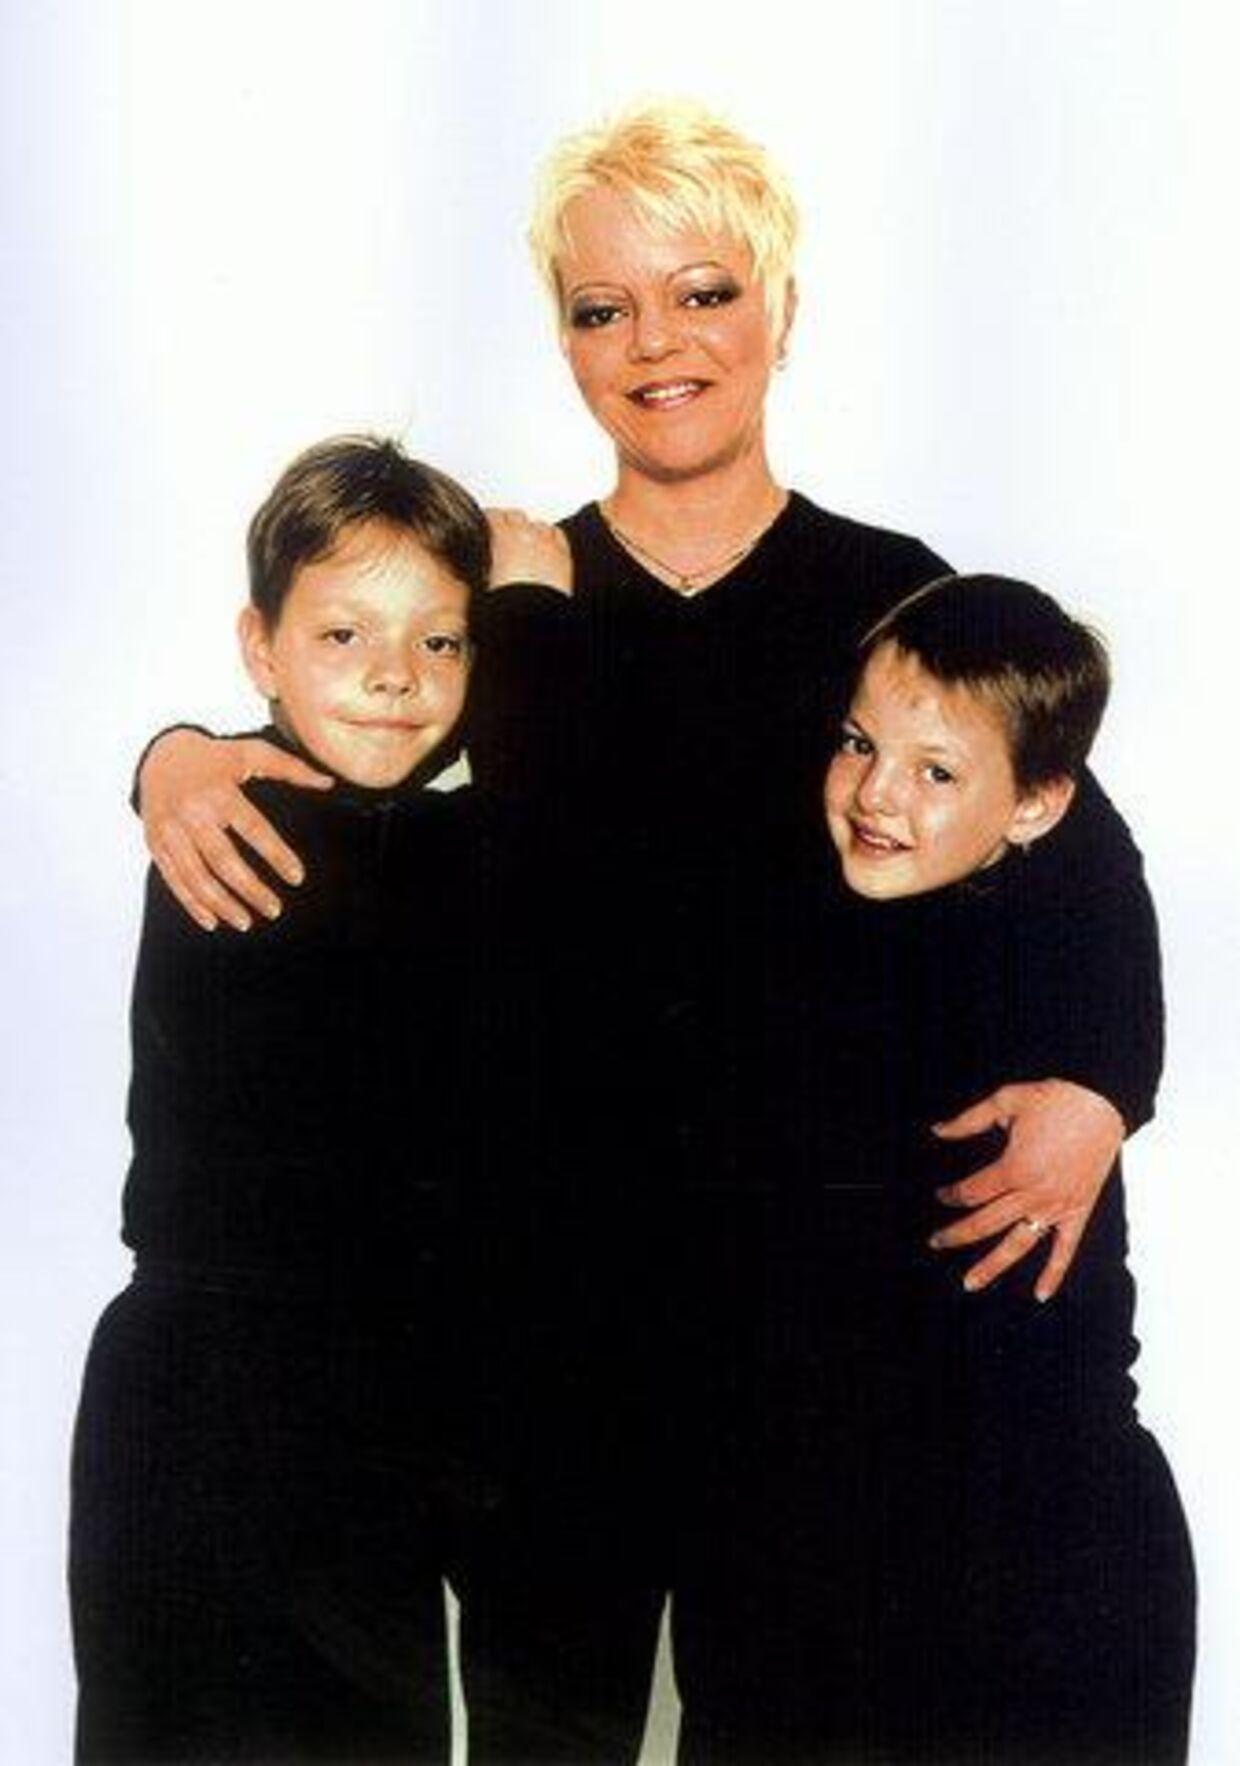 Marianne Pedersen og hendes to drenge fik brækket halsen, parteret -og smidt i kummefryseren. Foto Privat/Politiet.<p>